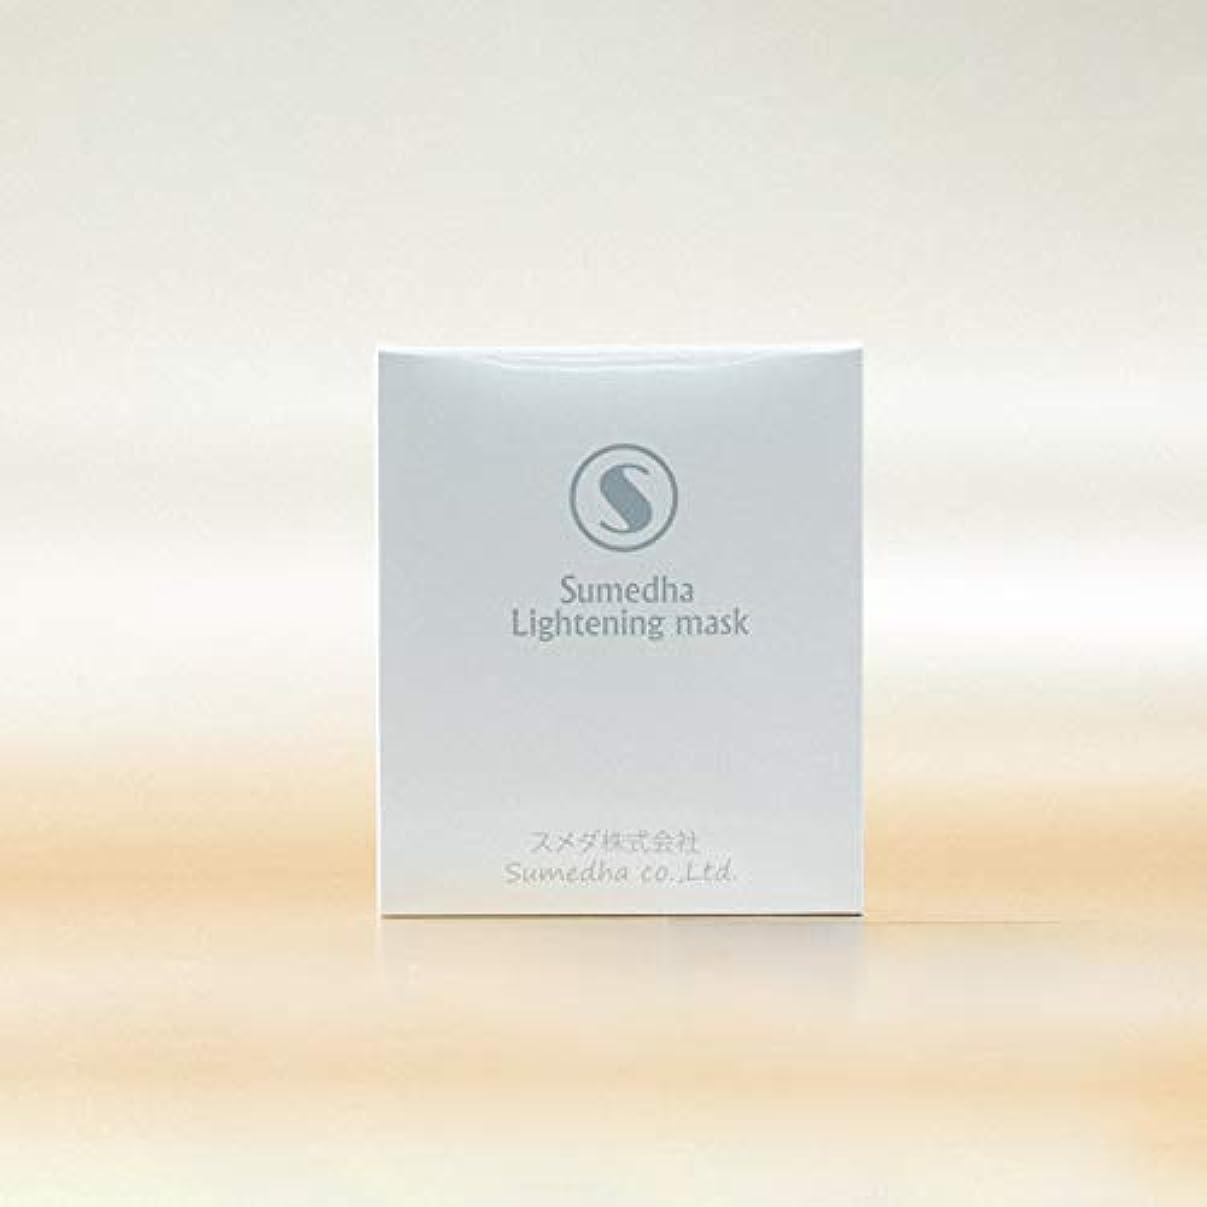 結論教室シルエットフェイスマスク Sumedha パック 保湿マスク 日本製 マスク フェイスパック 3枚入り 美白 美容 アンチセンシティブ 角質層修復 抗酸化 保湿 補水 敏感肌 発赤 アレルギー緩和 コーセー (美白)